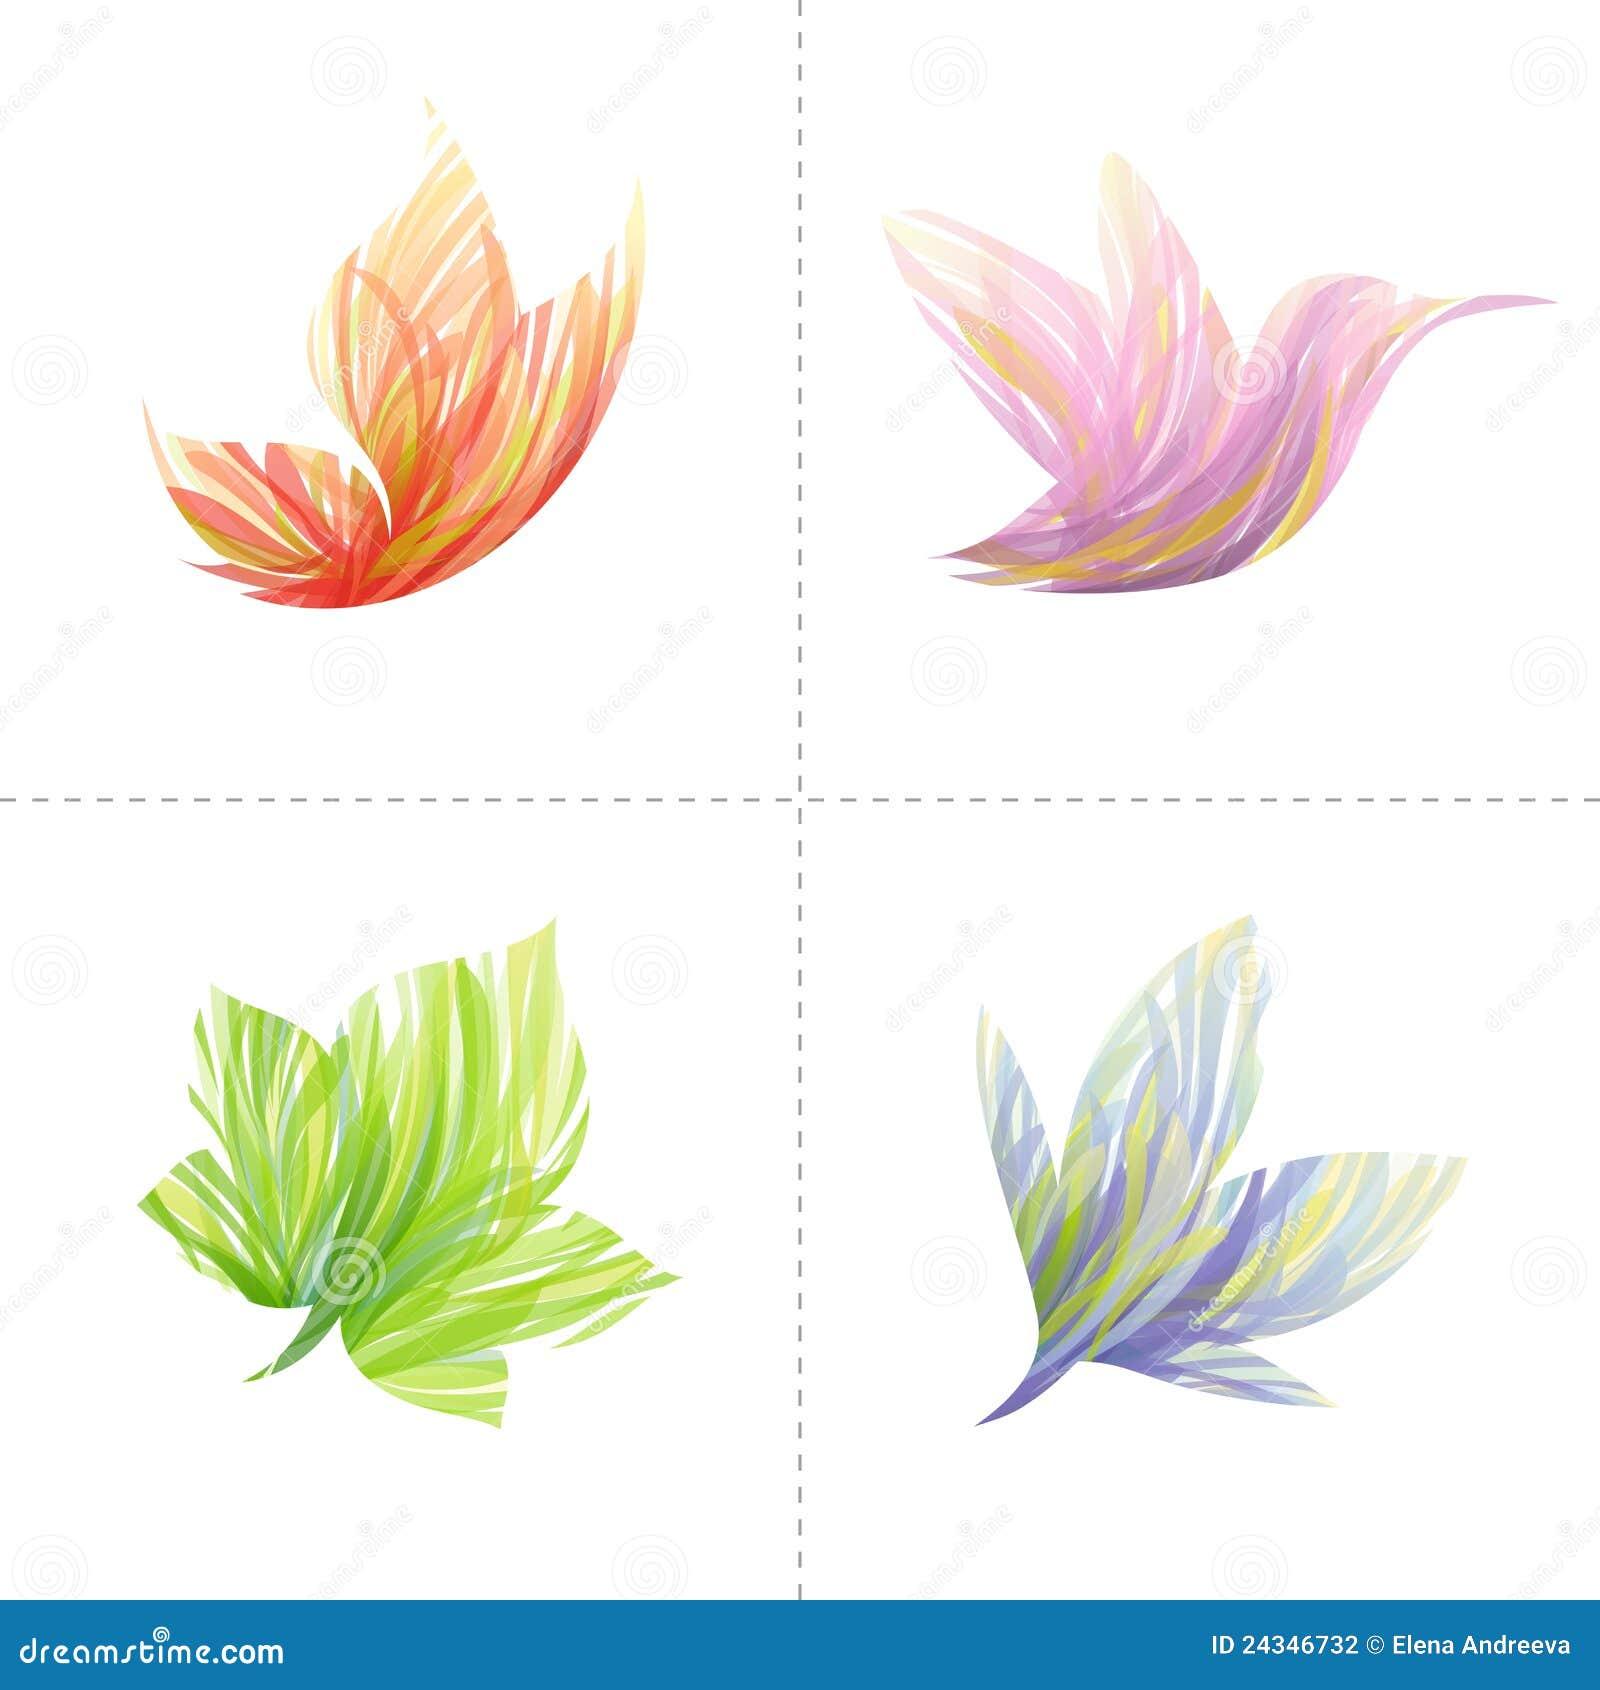 Designelement: fjäril hummingbird, leaf, flo